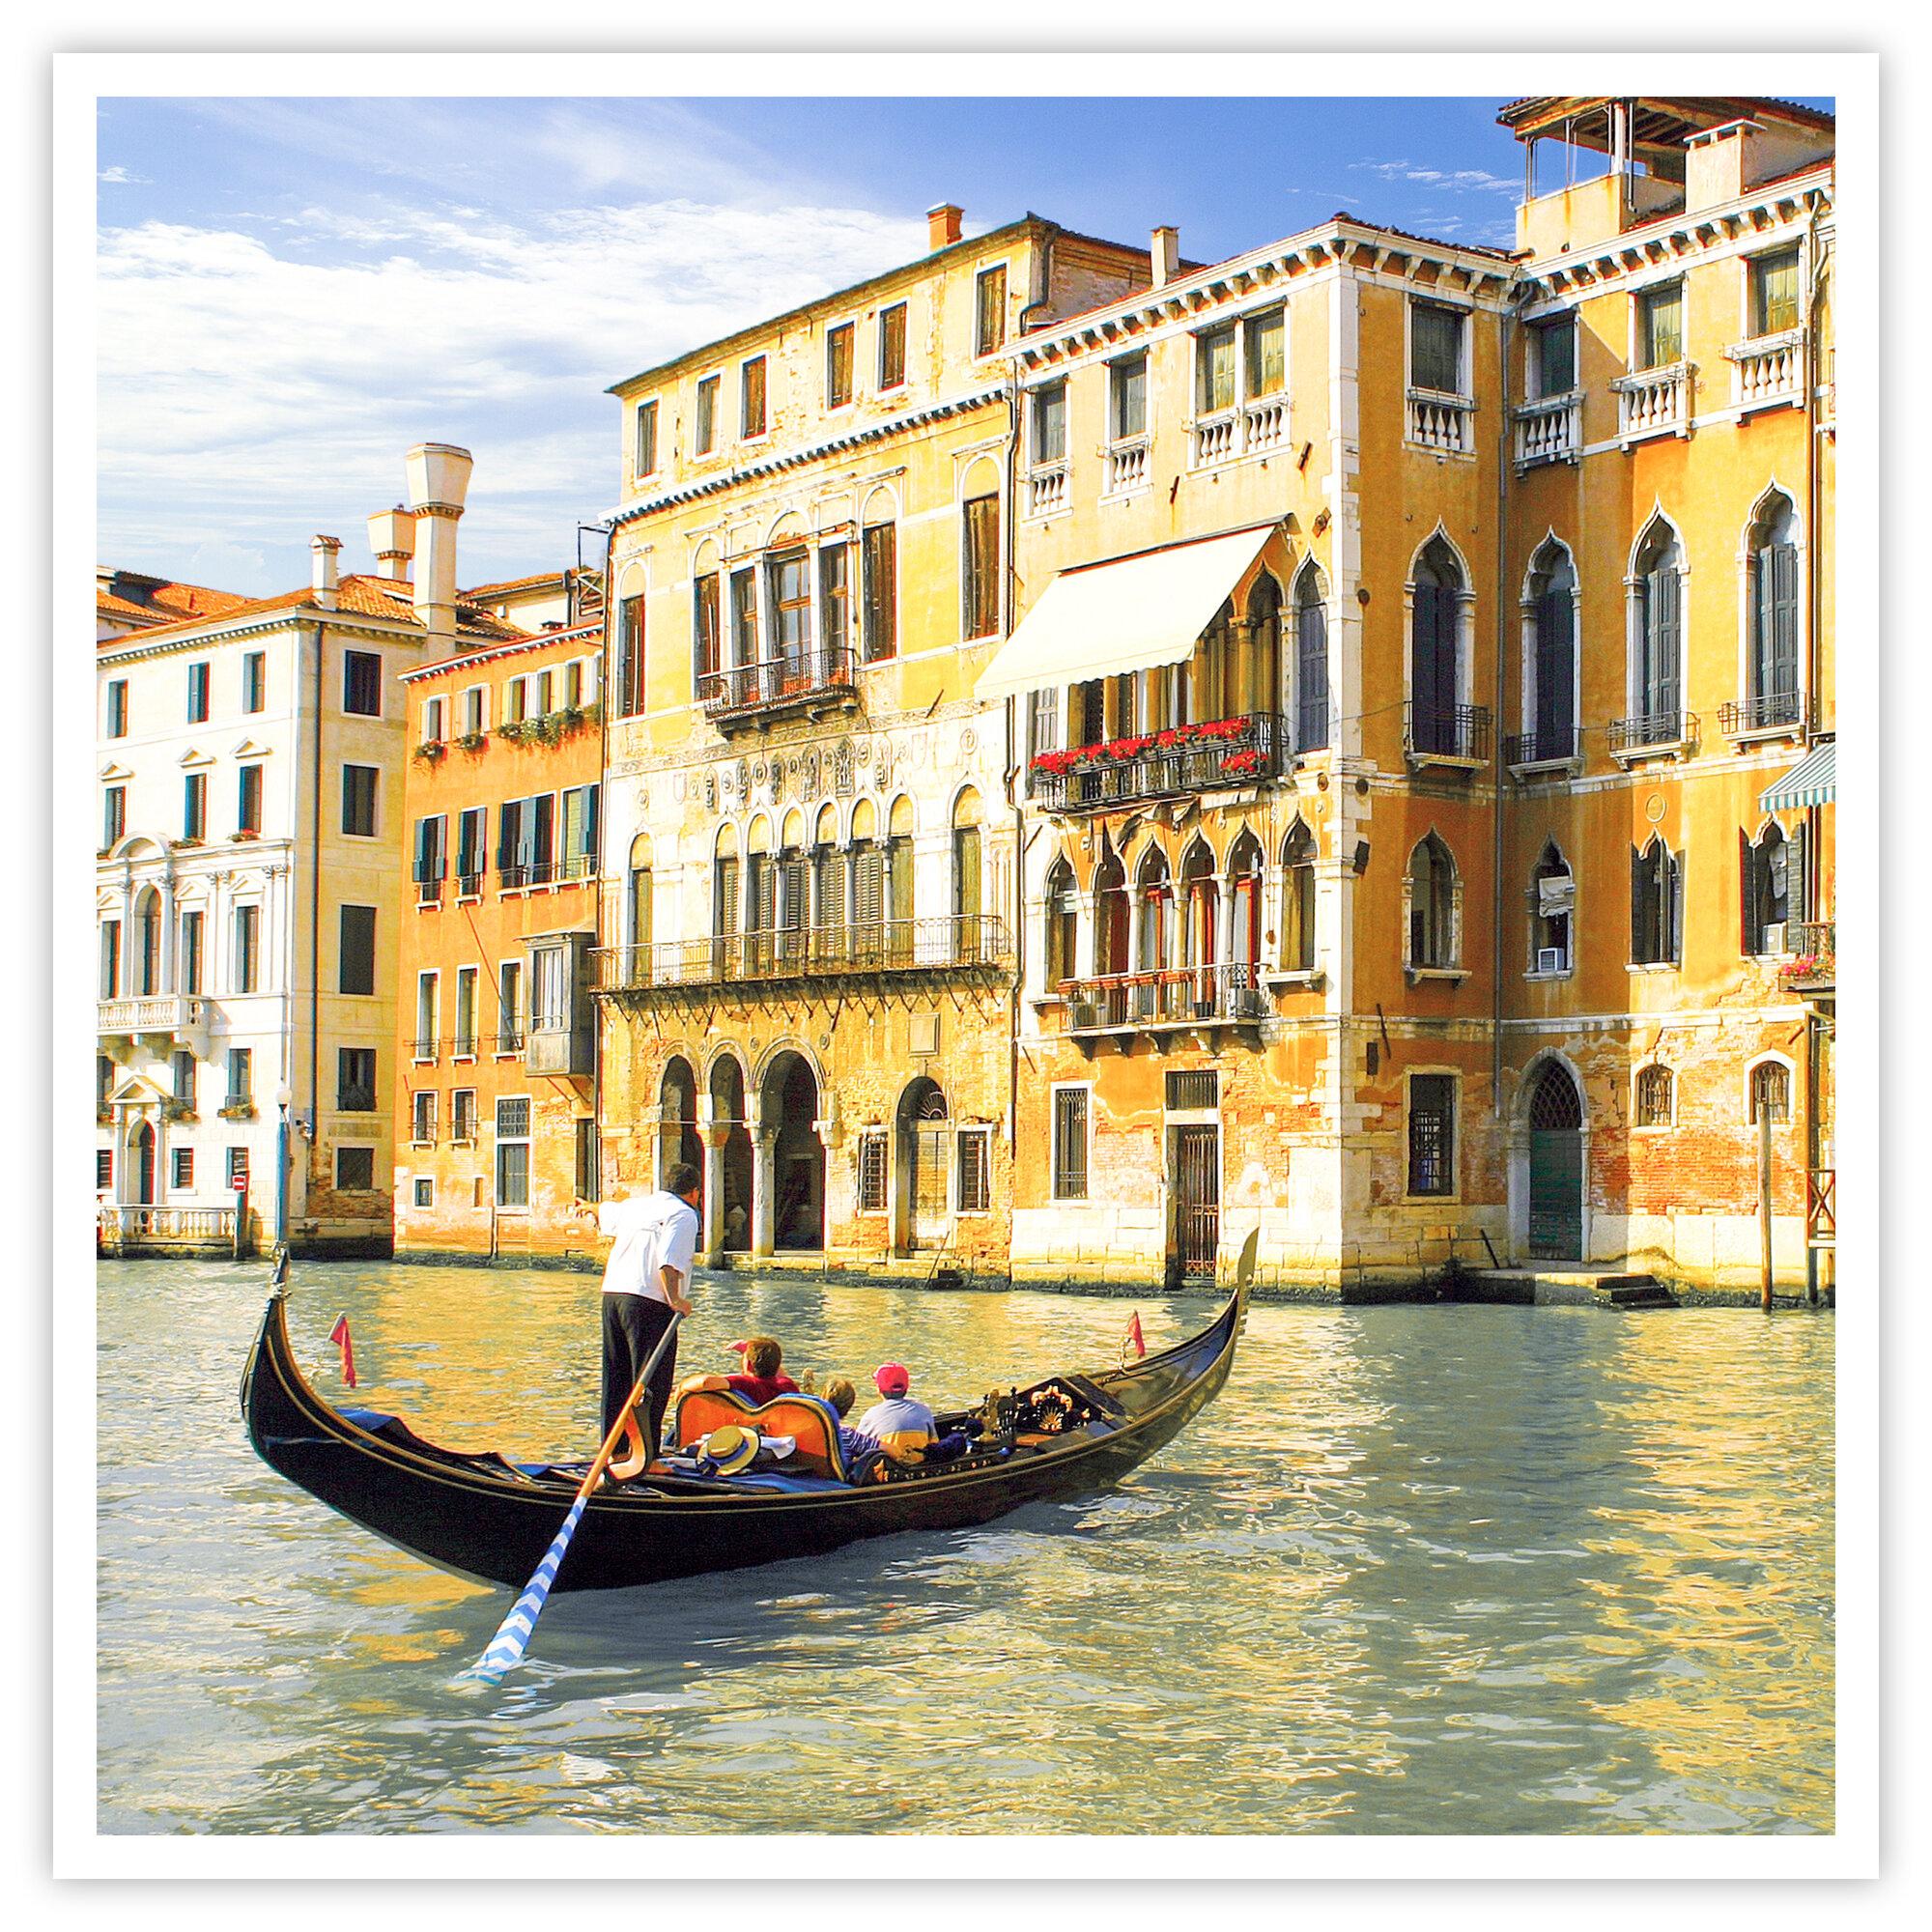 Smartbox |Noche en el Hotel Tintoretto y entrada al casino en Venecia, Italia